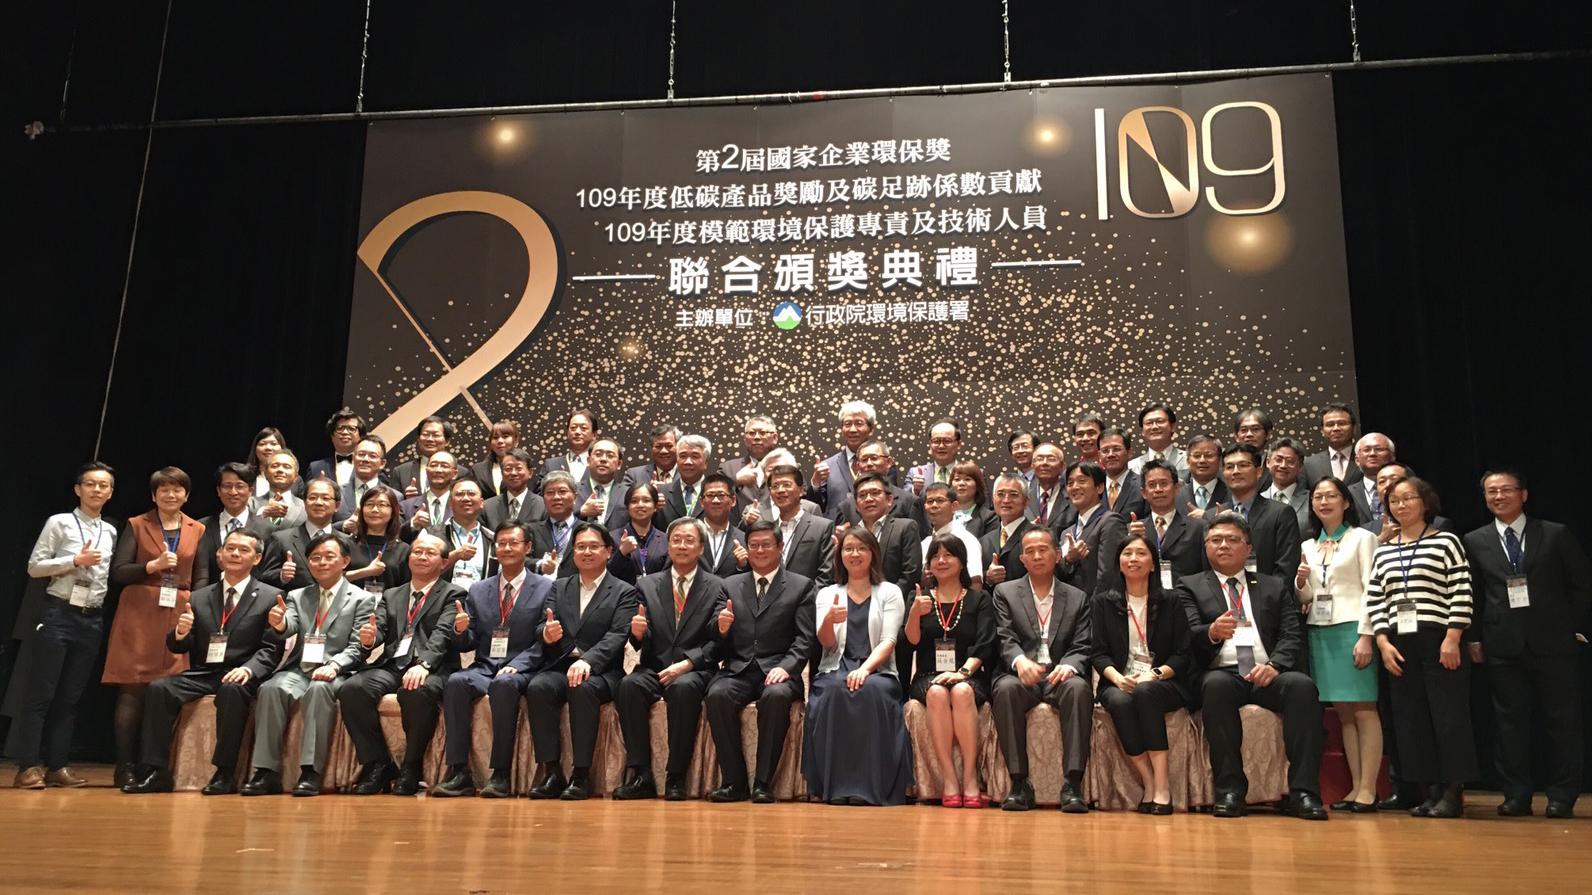 中華汽車榮獲第二屆國家企業環保獎肯定